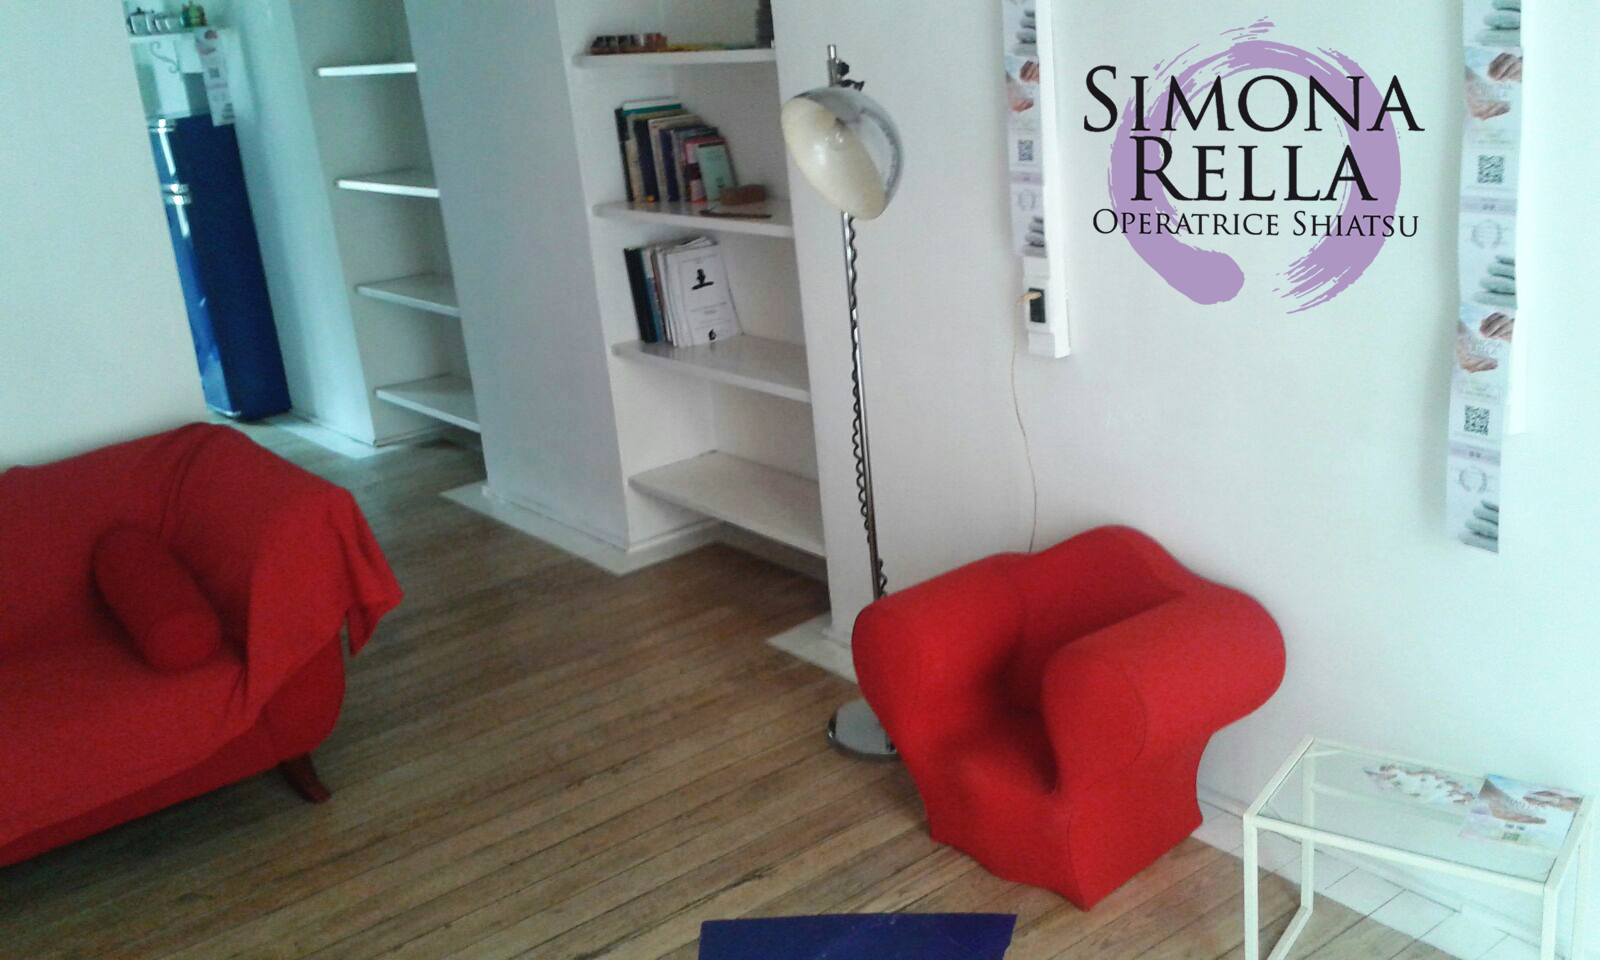 simonarella_studio-via-reggio-14-torino_02